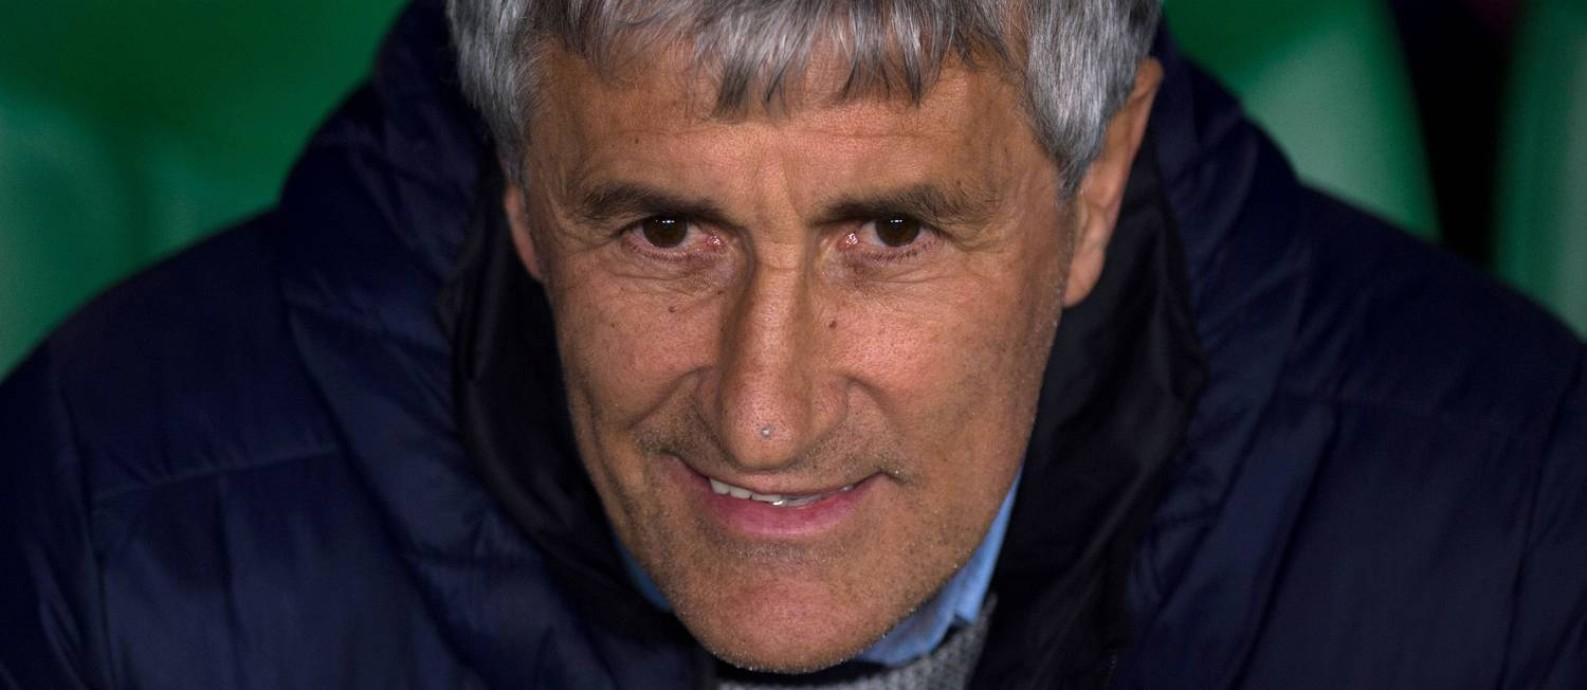 Ex-treinador do Real Betis, Quique Setién assume o Barcelona Foto: JORGE GUERRERO / AFP